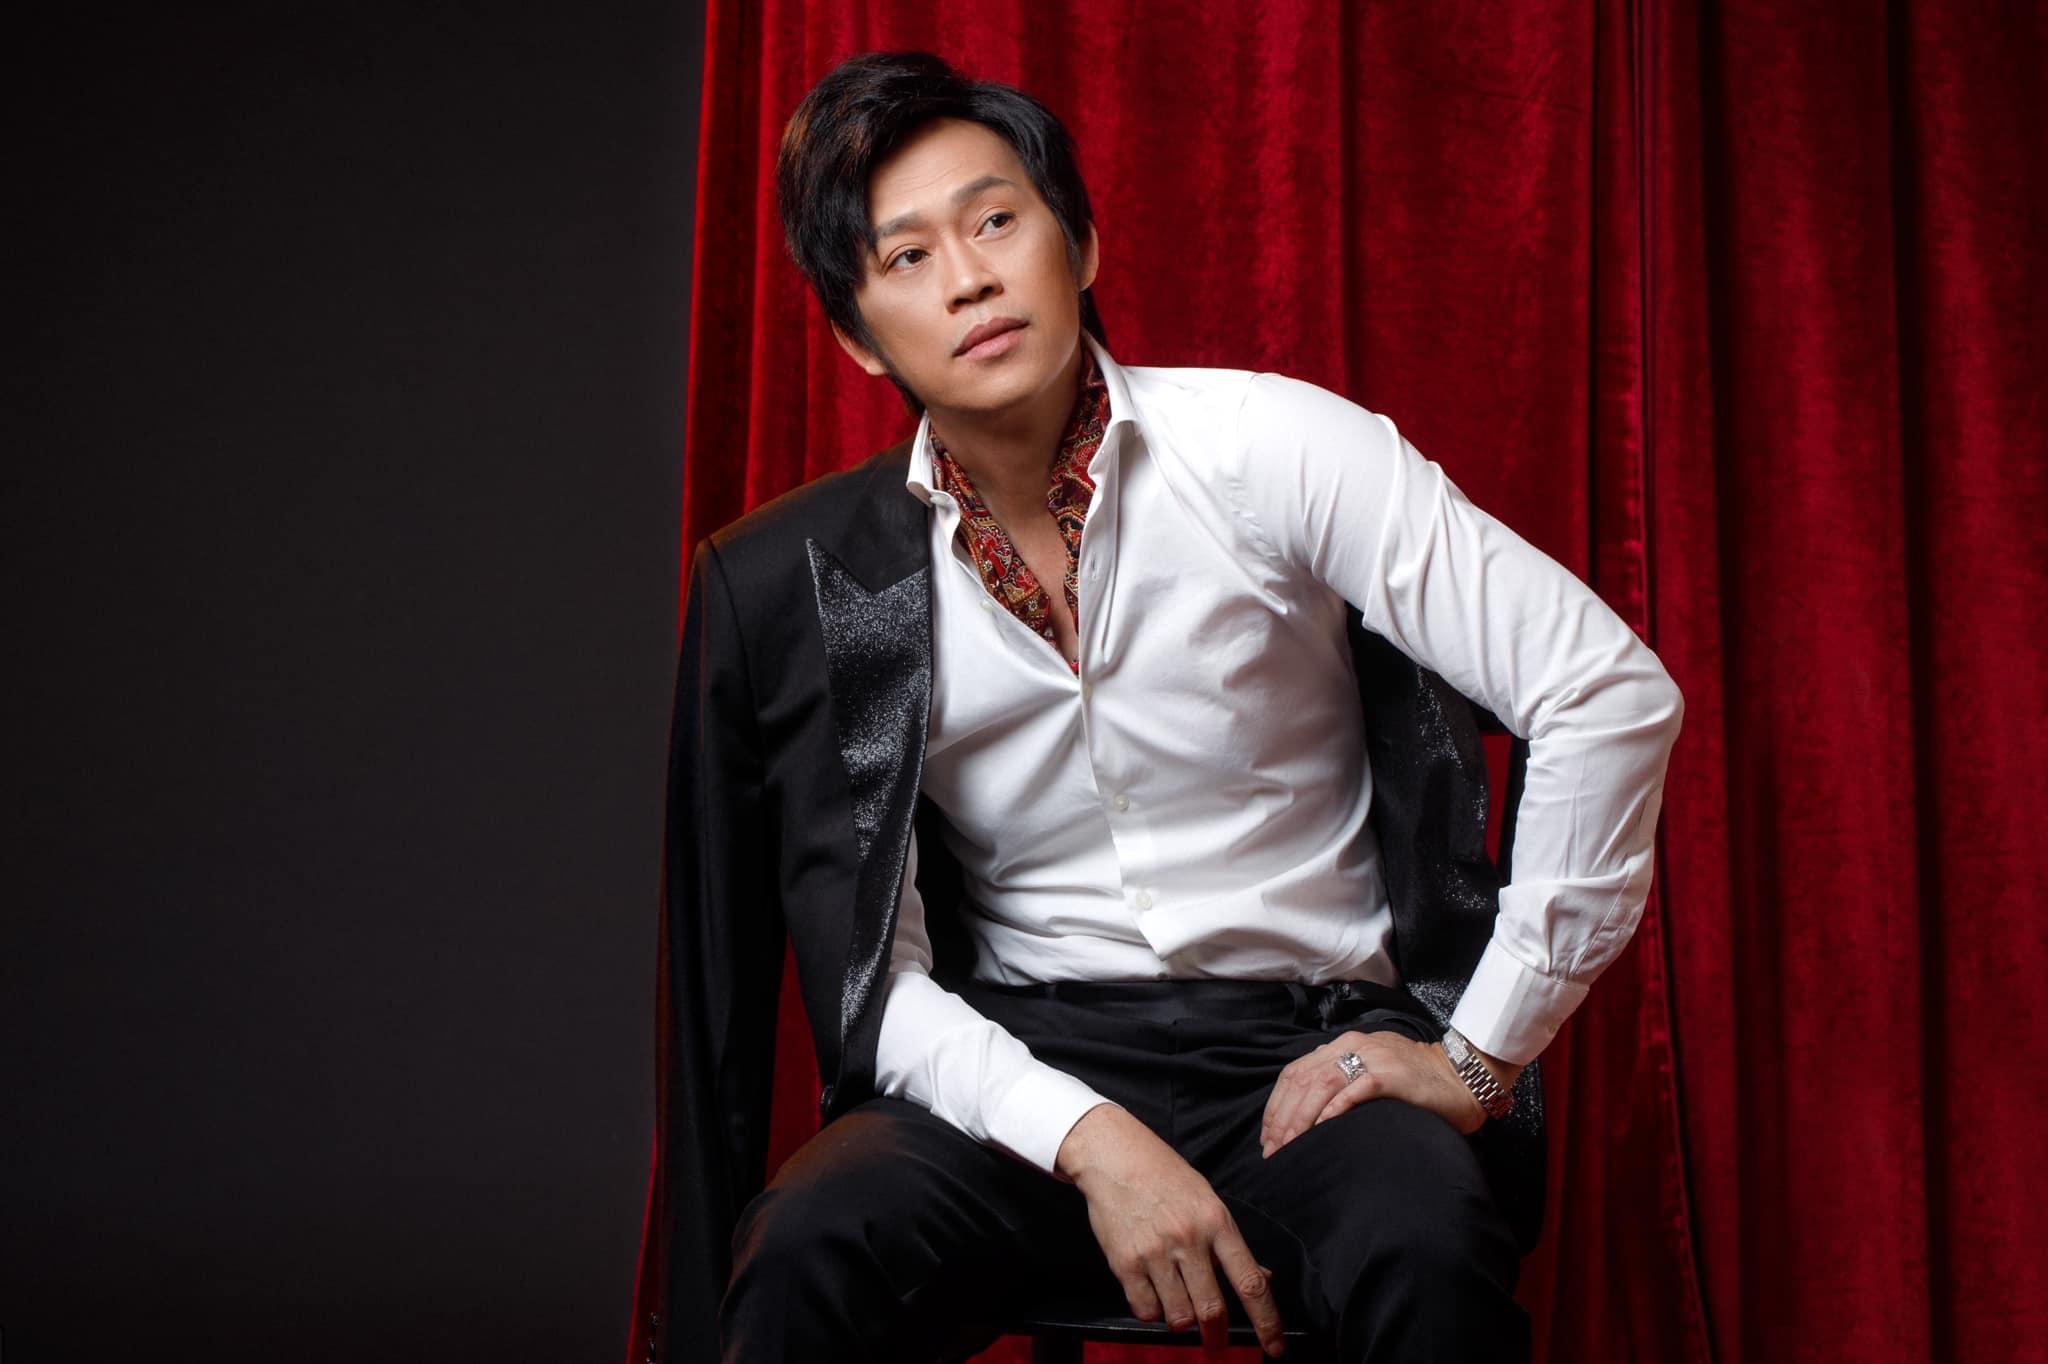 Danh hài Hoài Linh được em gái đăng tin tuyển vợ, con trai ruột phản ứng bất ngờ - 1